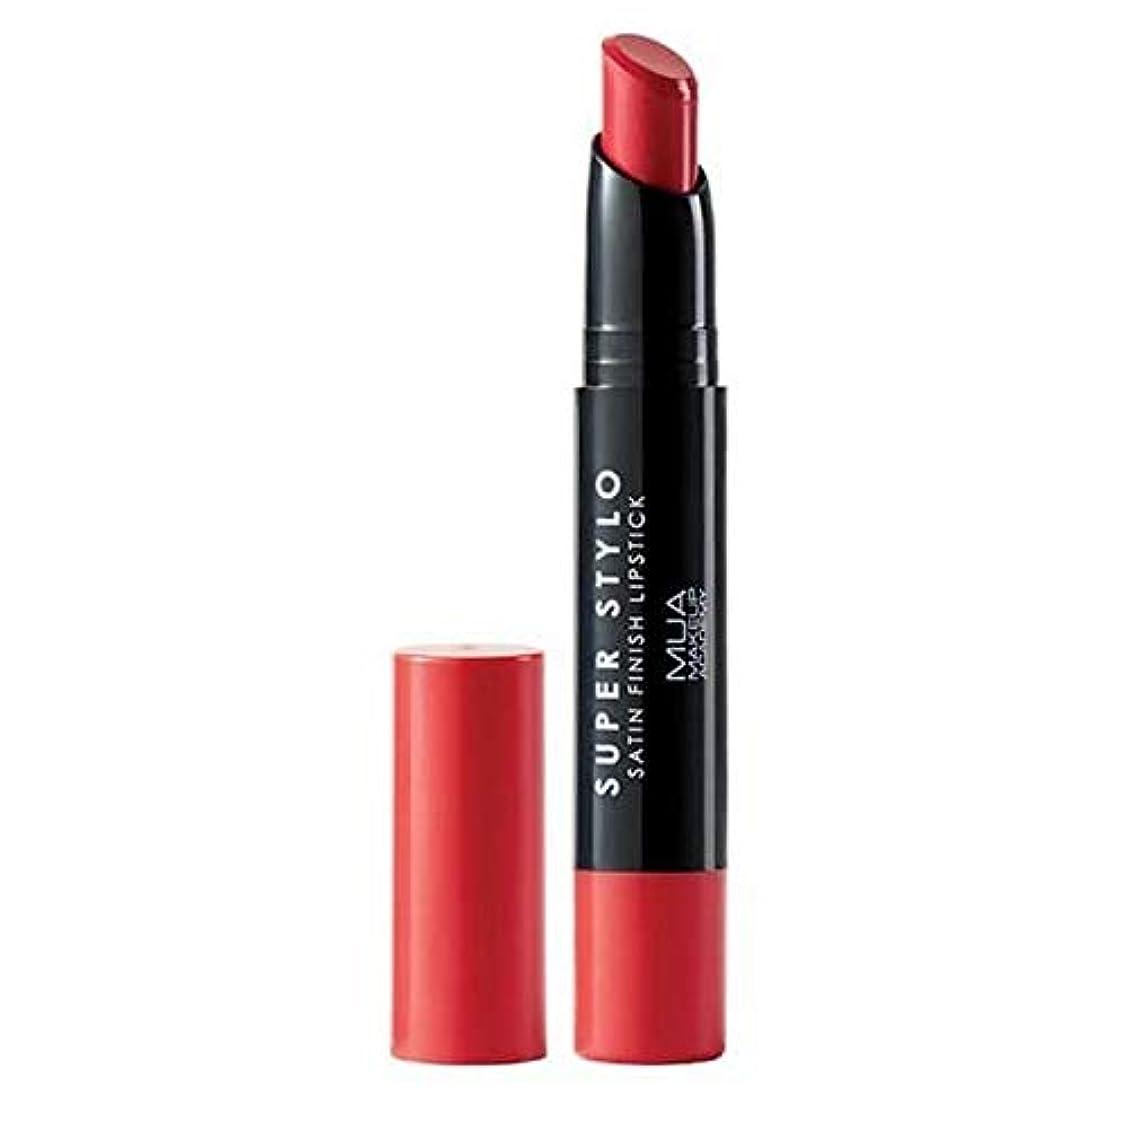 致死信念まだら[MUA] MuaスーパーStylo口紅は004 Vip - MUA Super Stylo Lipstick Vip 004 [並行輸入品]